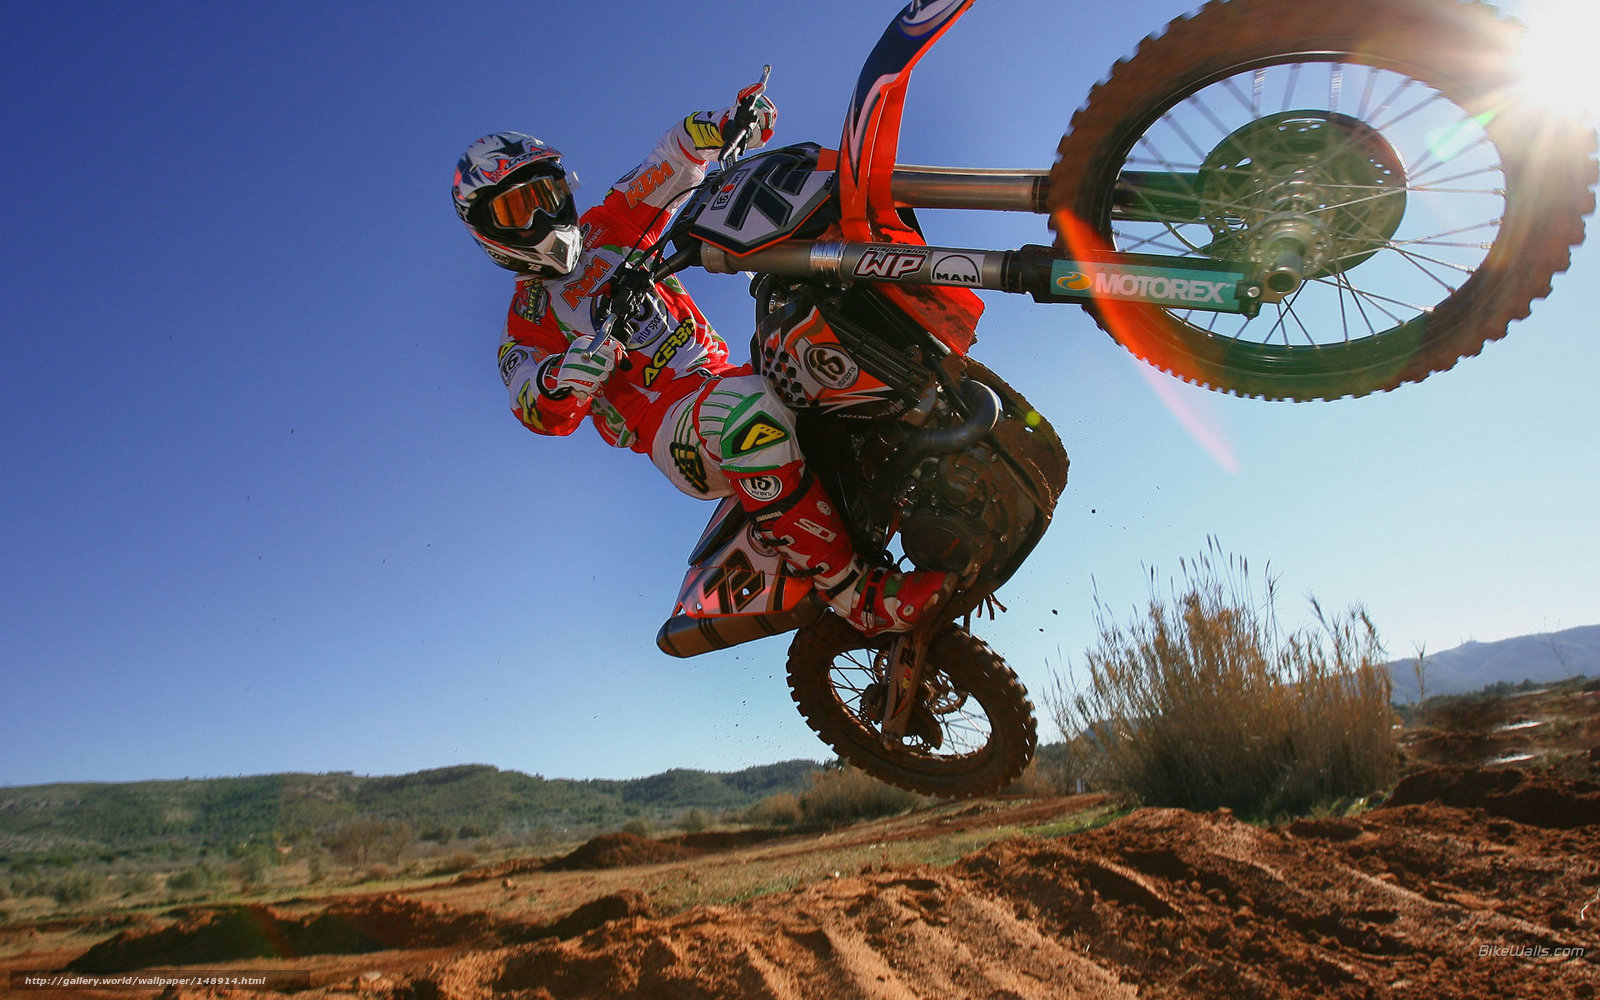 Download wallpaper KTM Motocross SX Stefan Everts MX Race Stefan 1600x1000